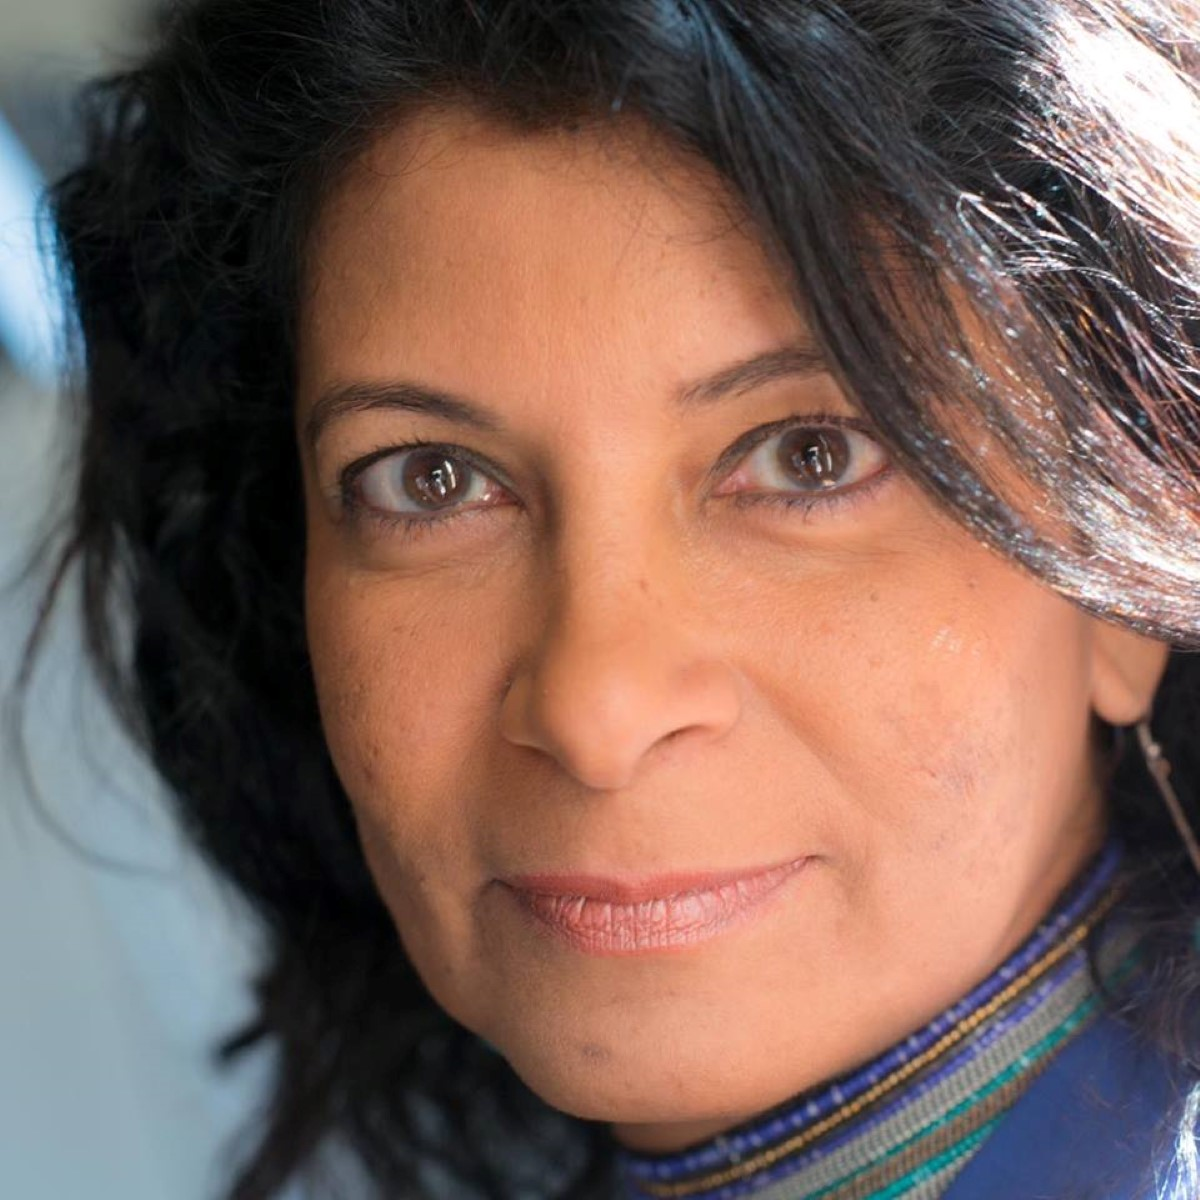 [Législatives 2019] L'écrivaine et journaliste Shenaz Patel annonce sa candidature